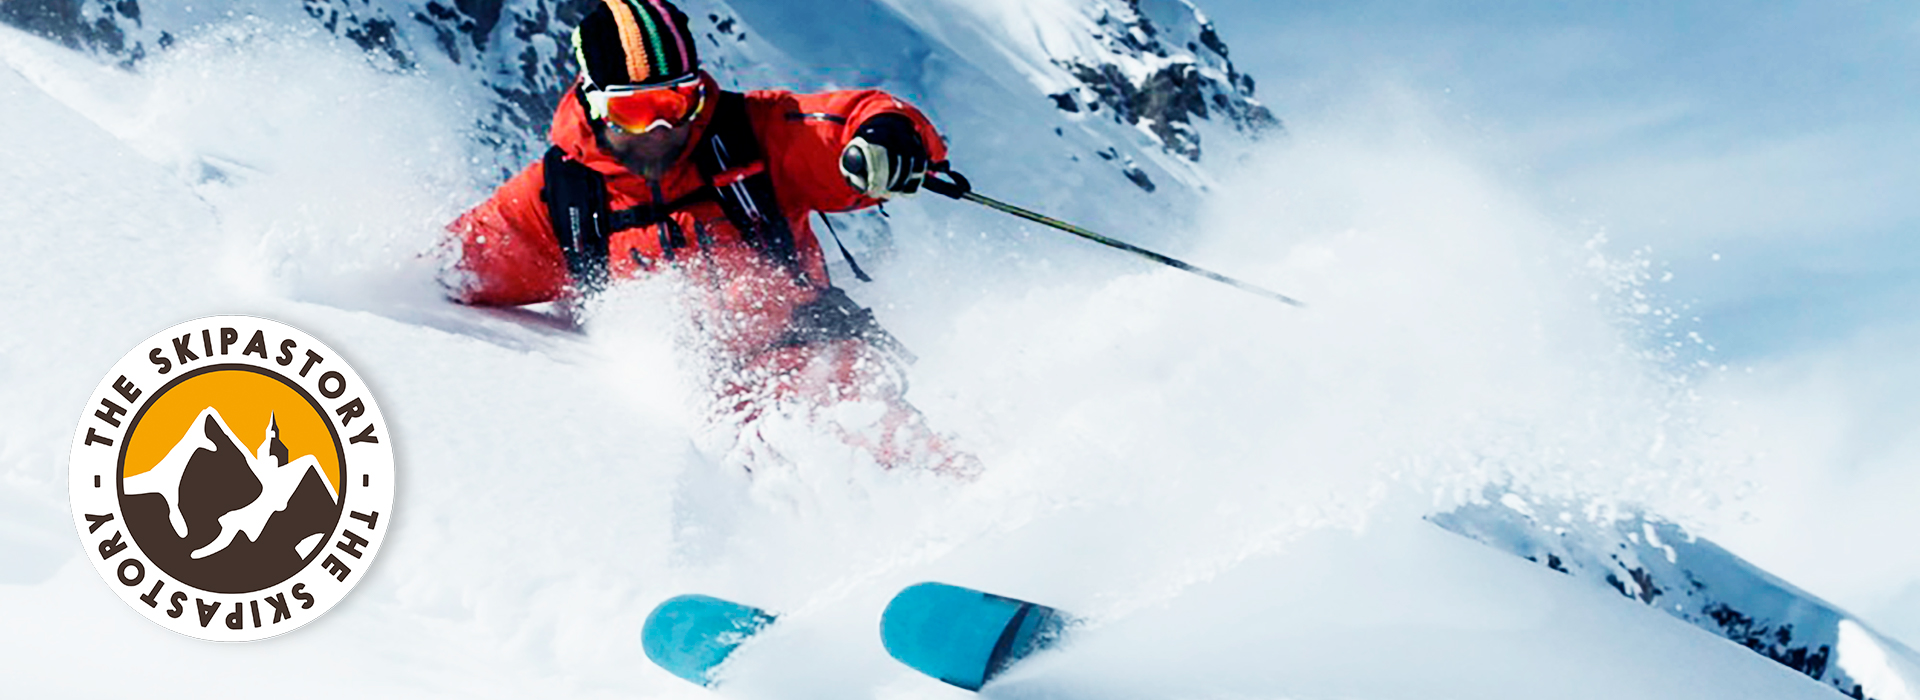 Skipastory - Speciaalzaak ski materiaal - Verkoop, verhuur & onderhoud